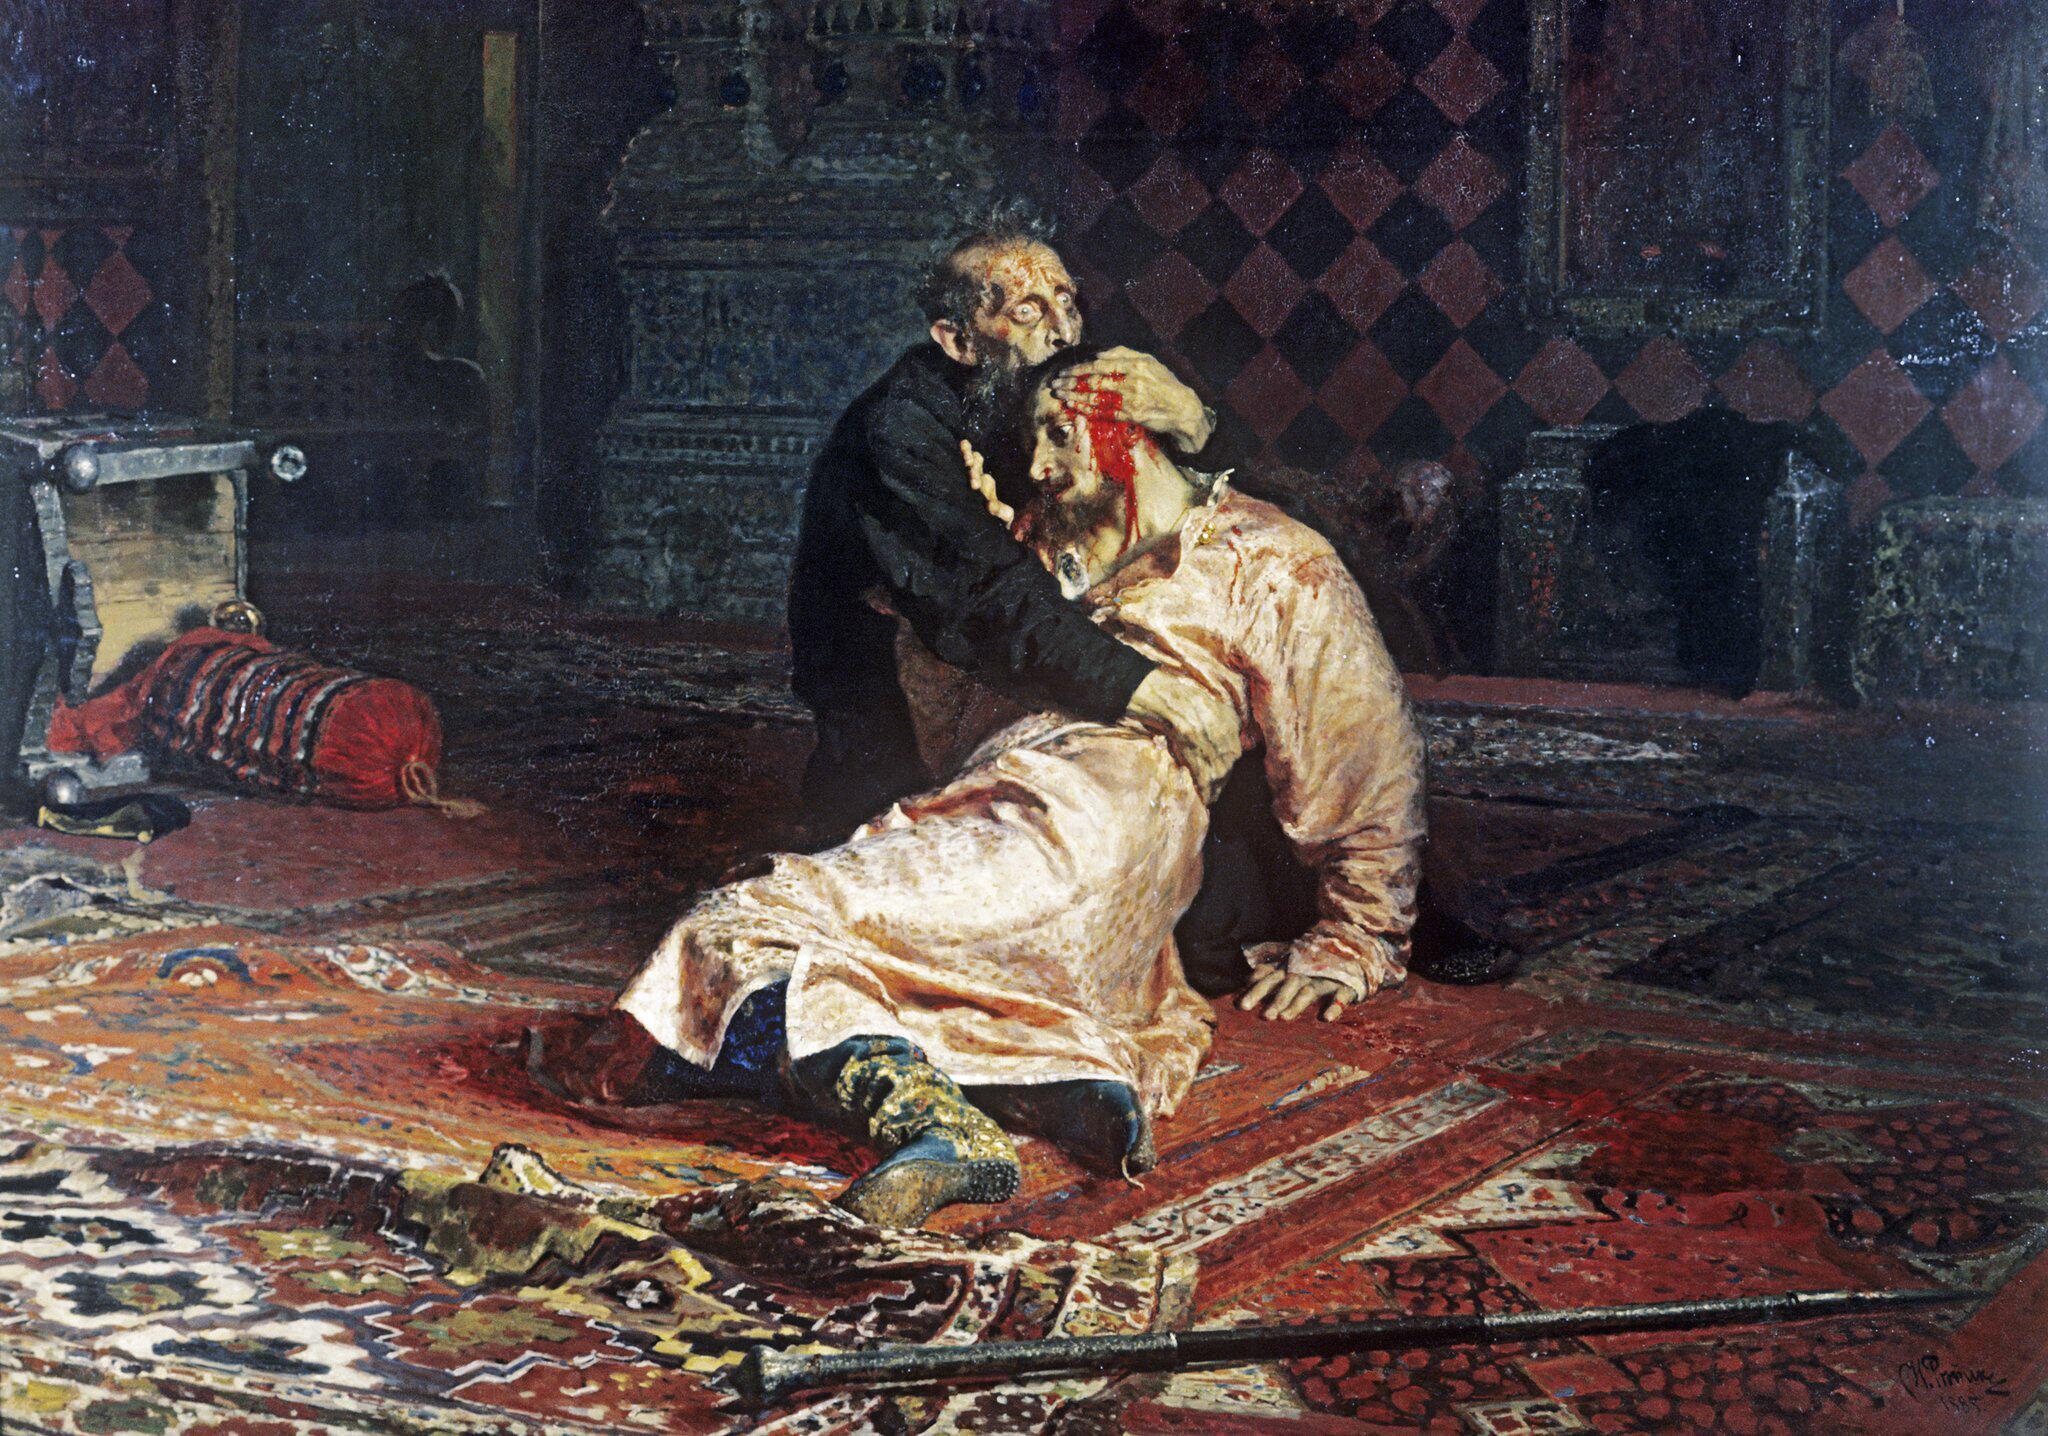 Bild zu Gemälde von Zar Iwan dem Schrecklichen von Ilja Repin